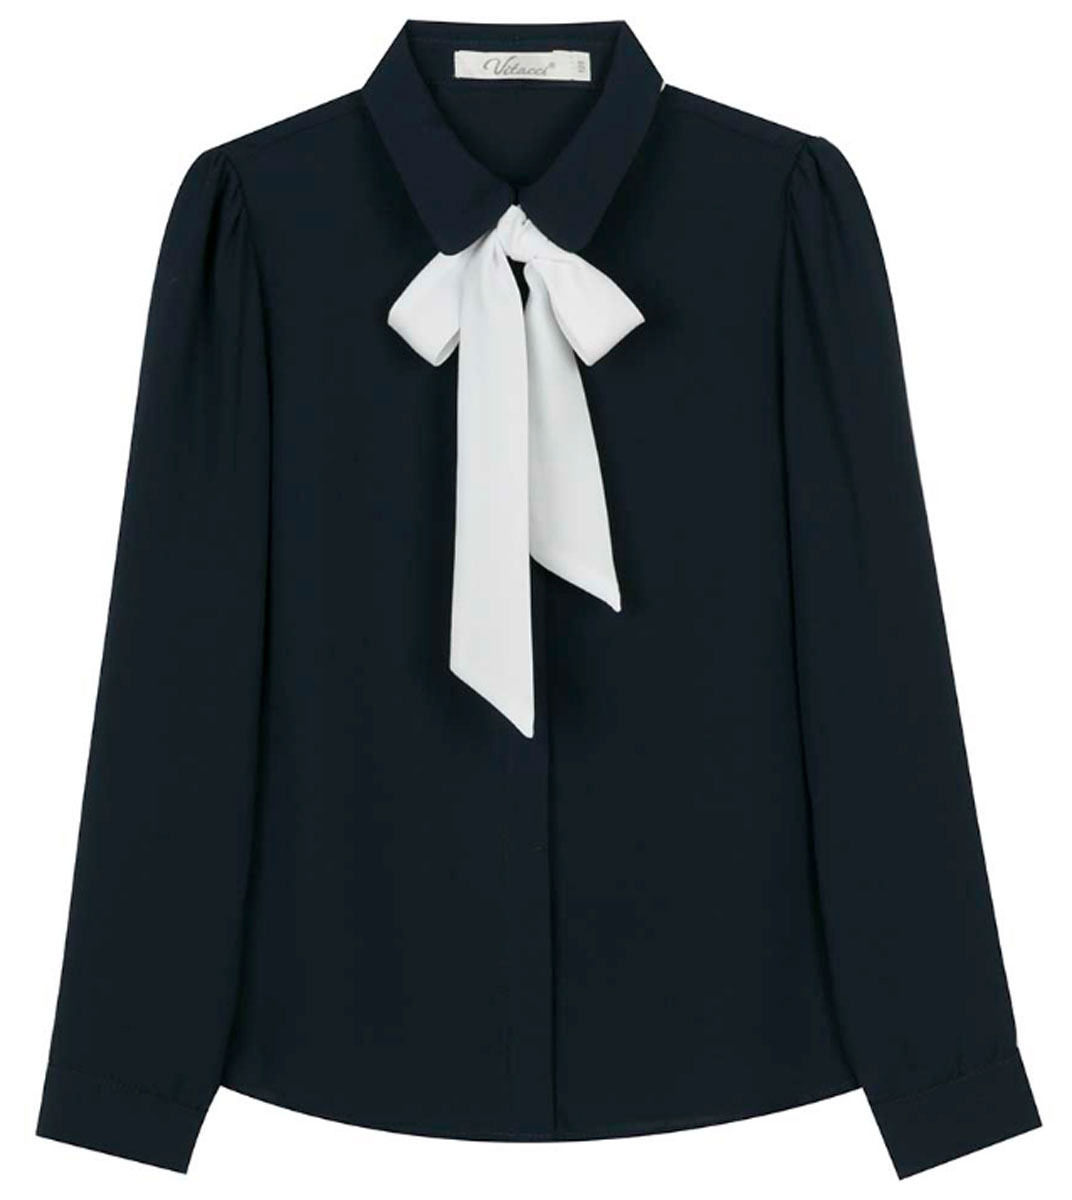 Блузка для девочек Vitacci, цвет: синий. 2173224L-04. Размер 1462173224L-04Классическая школьная блузка для девочки